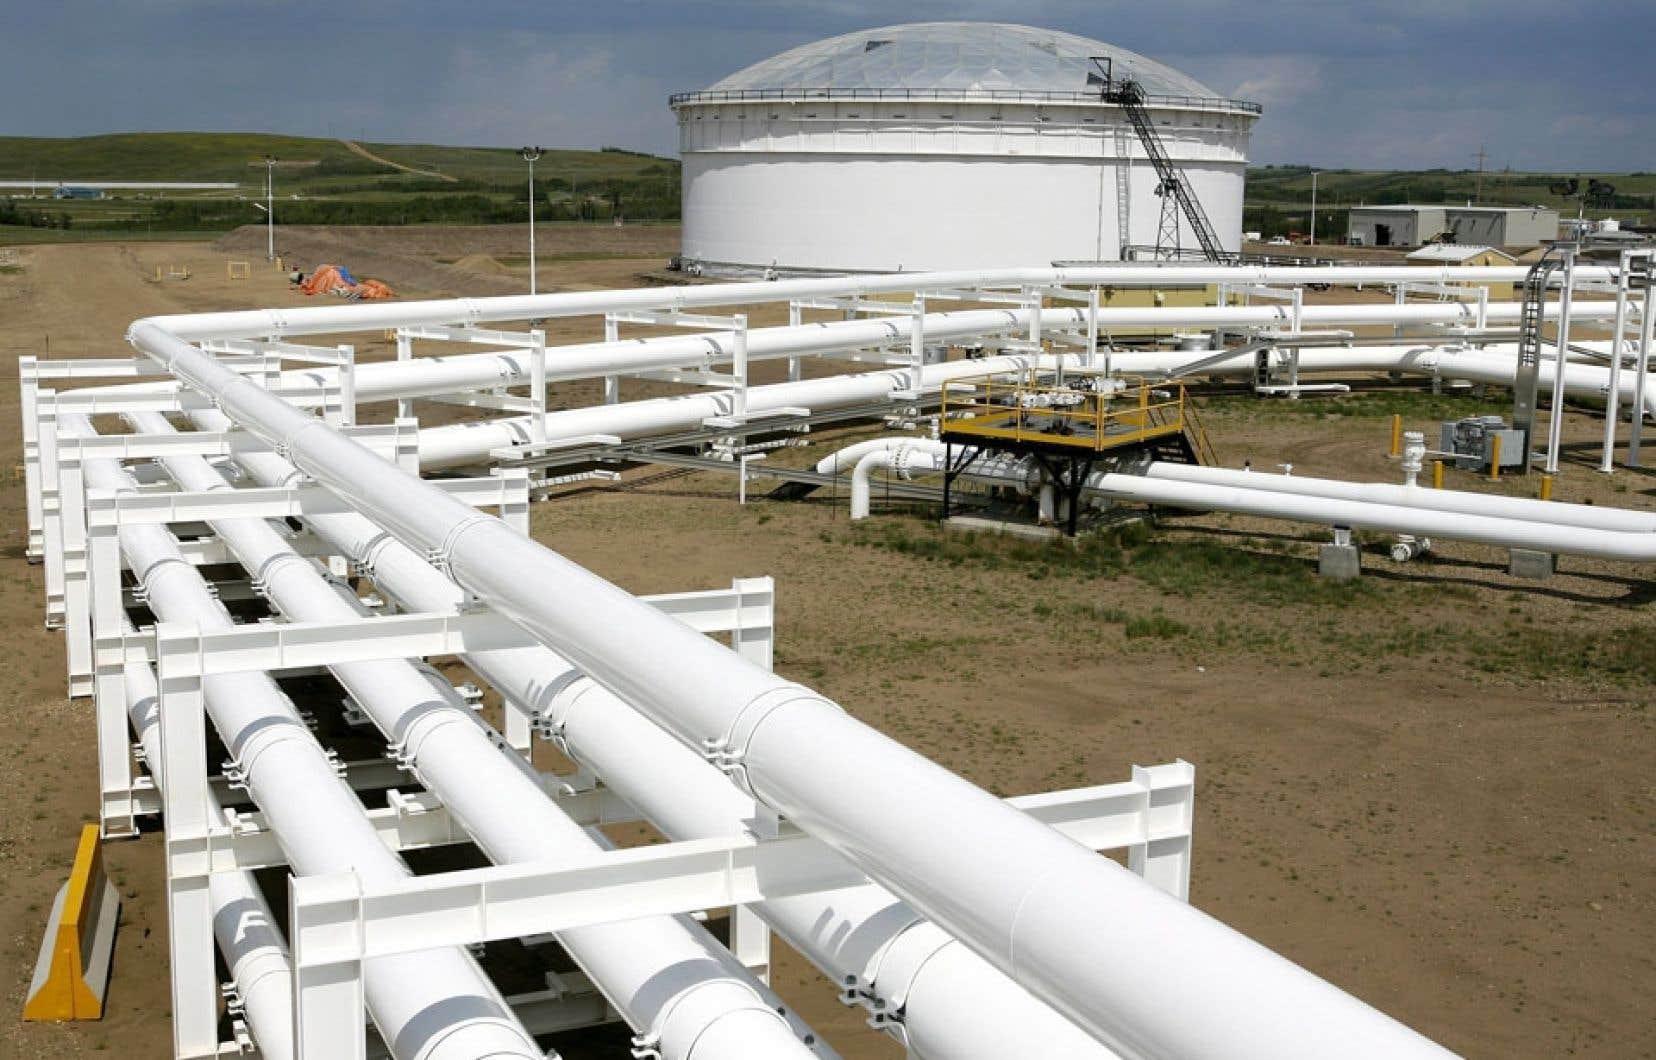 Enbridge possède un réseau transcanadien de pipelines destiné au transport du pétrole issu notamment des sables bitumineux albertains.